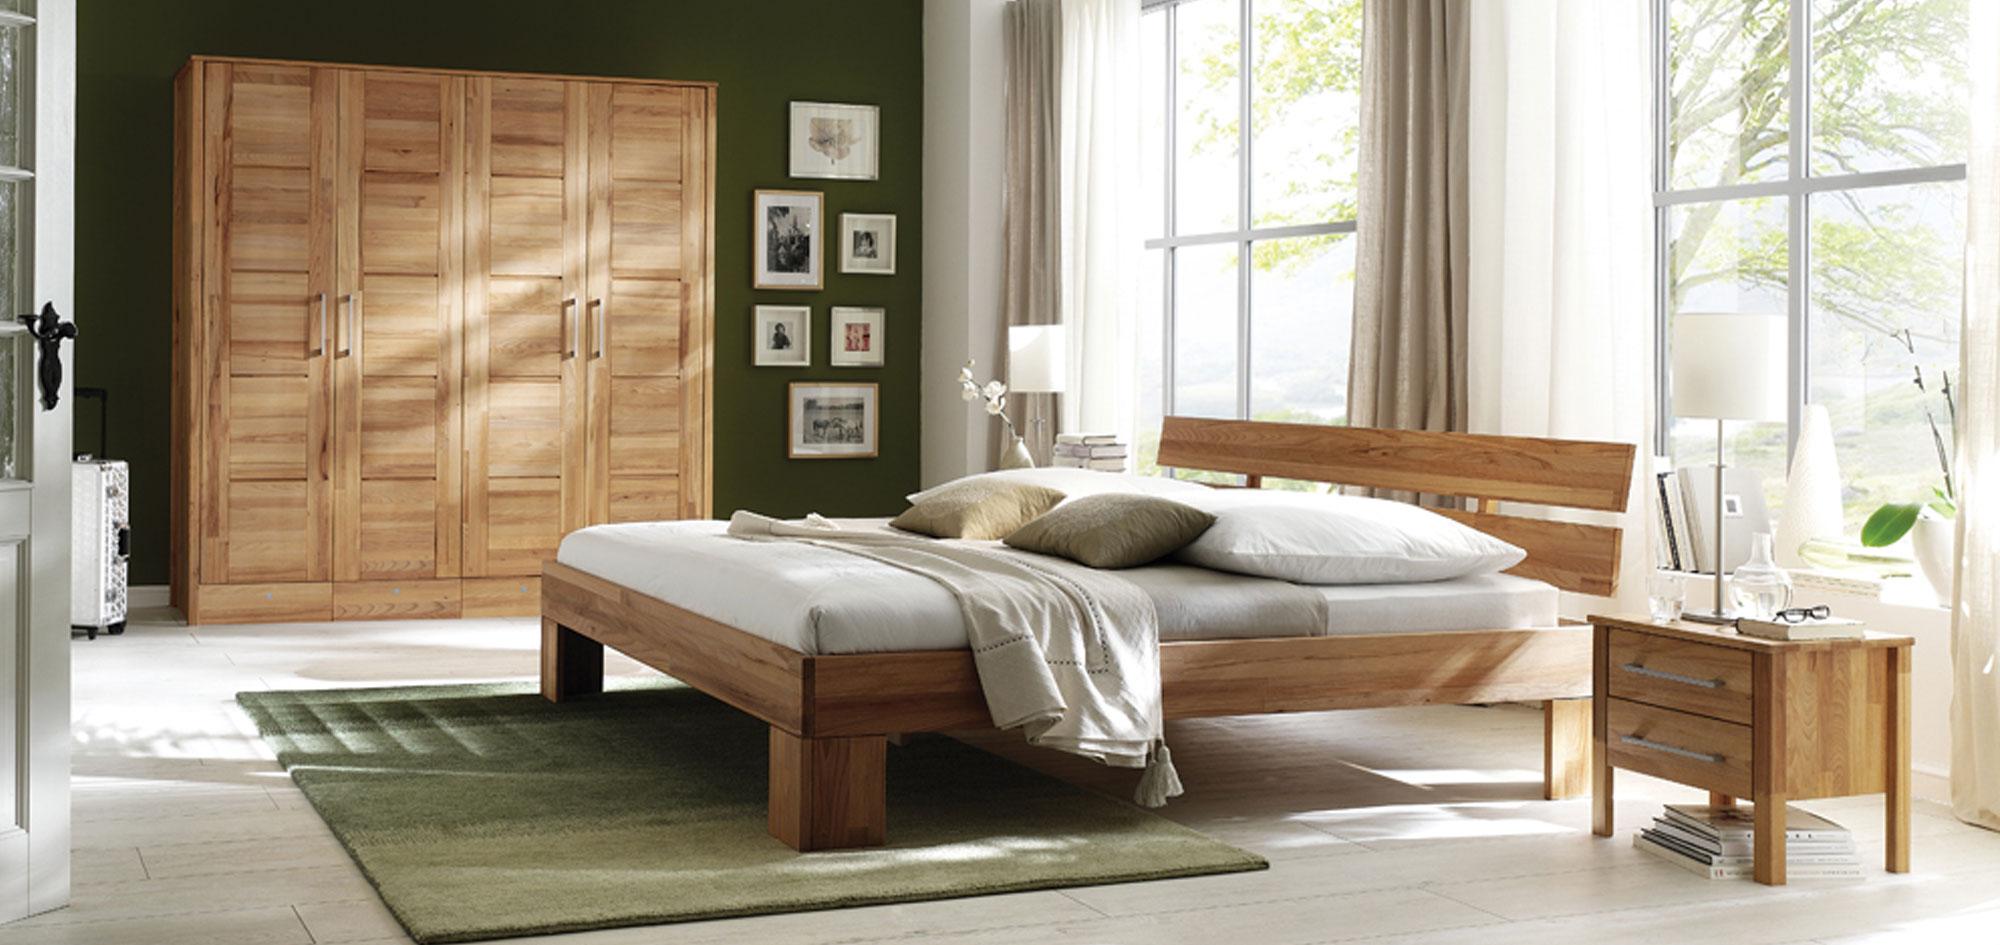 Massivholz Schlafzimmer Modern Zen, Bild 3